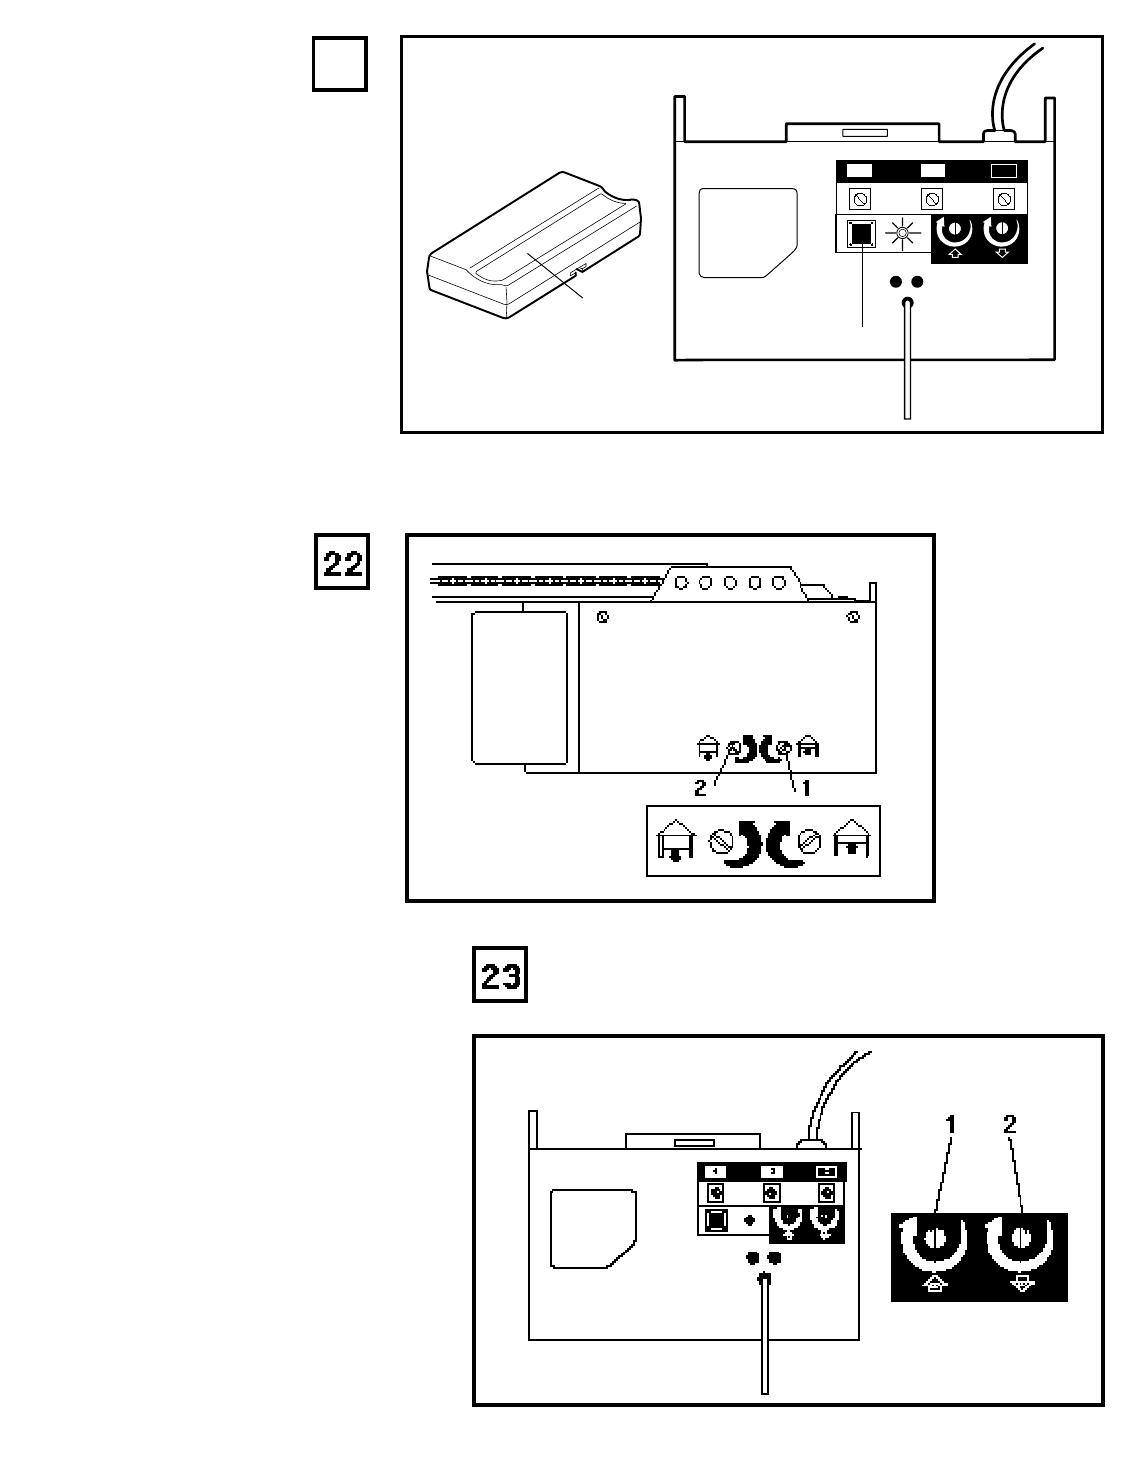 nett t r ffner schaltpl ne fotos die besten elektrischen schaltplan ideen. Black Bedroom Furniture Sets. Home Design Ideas